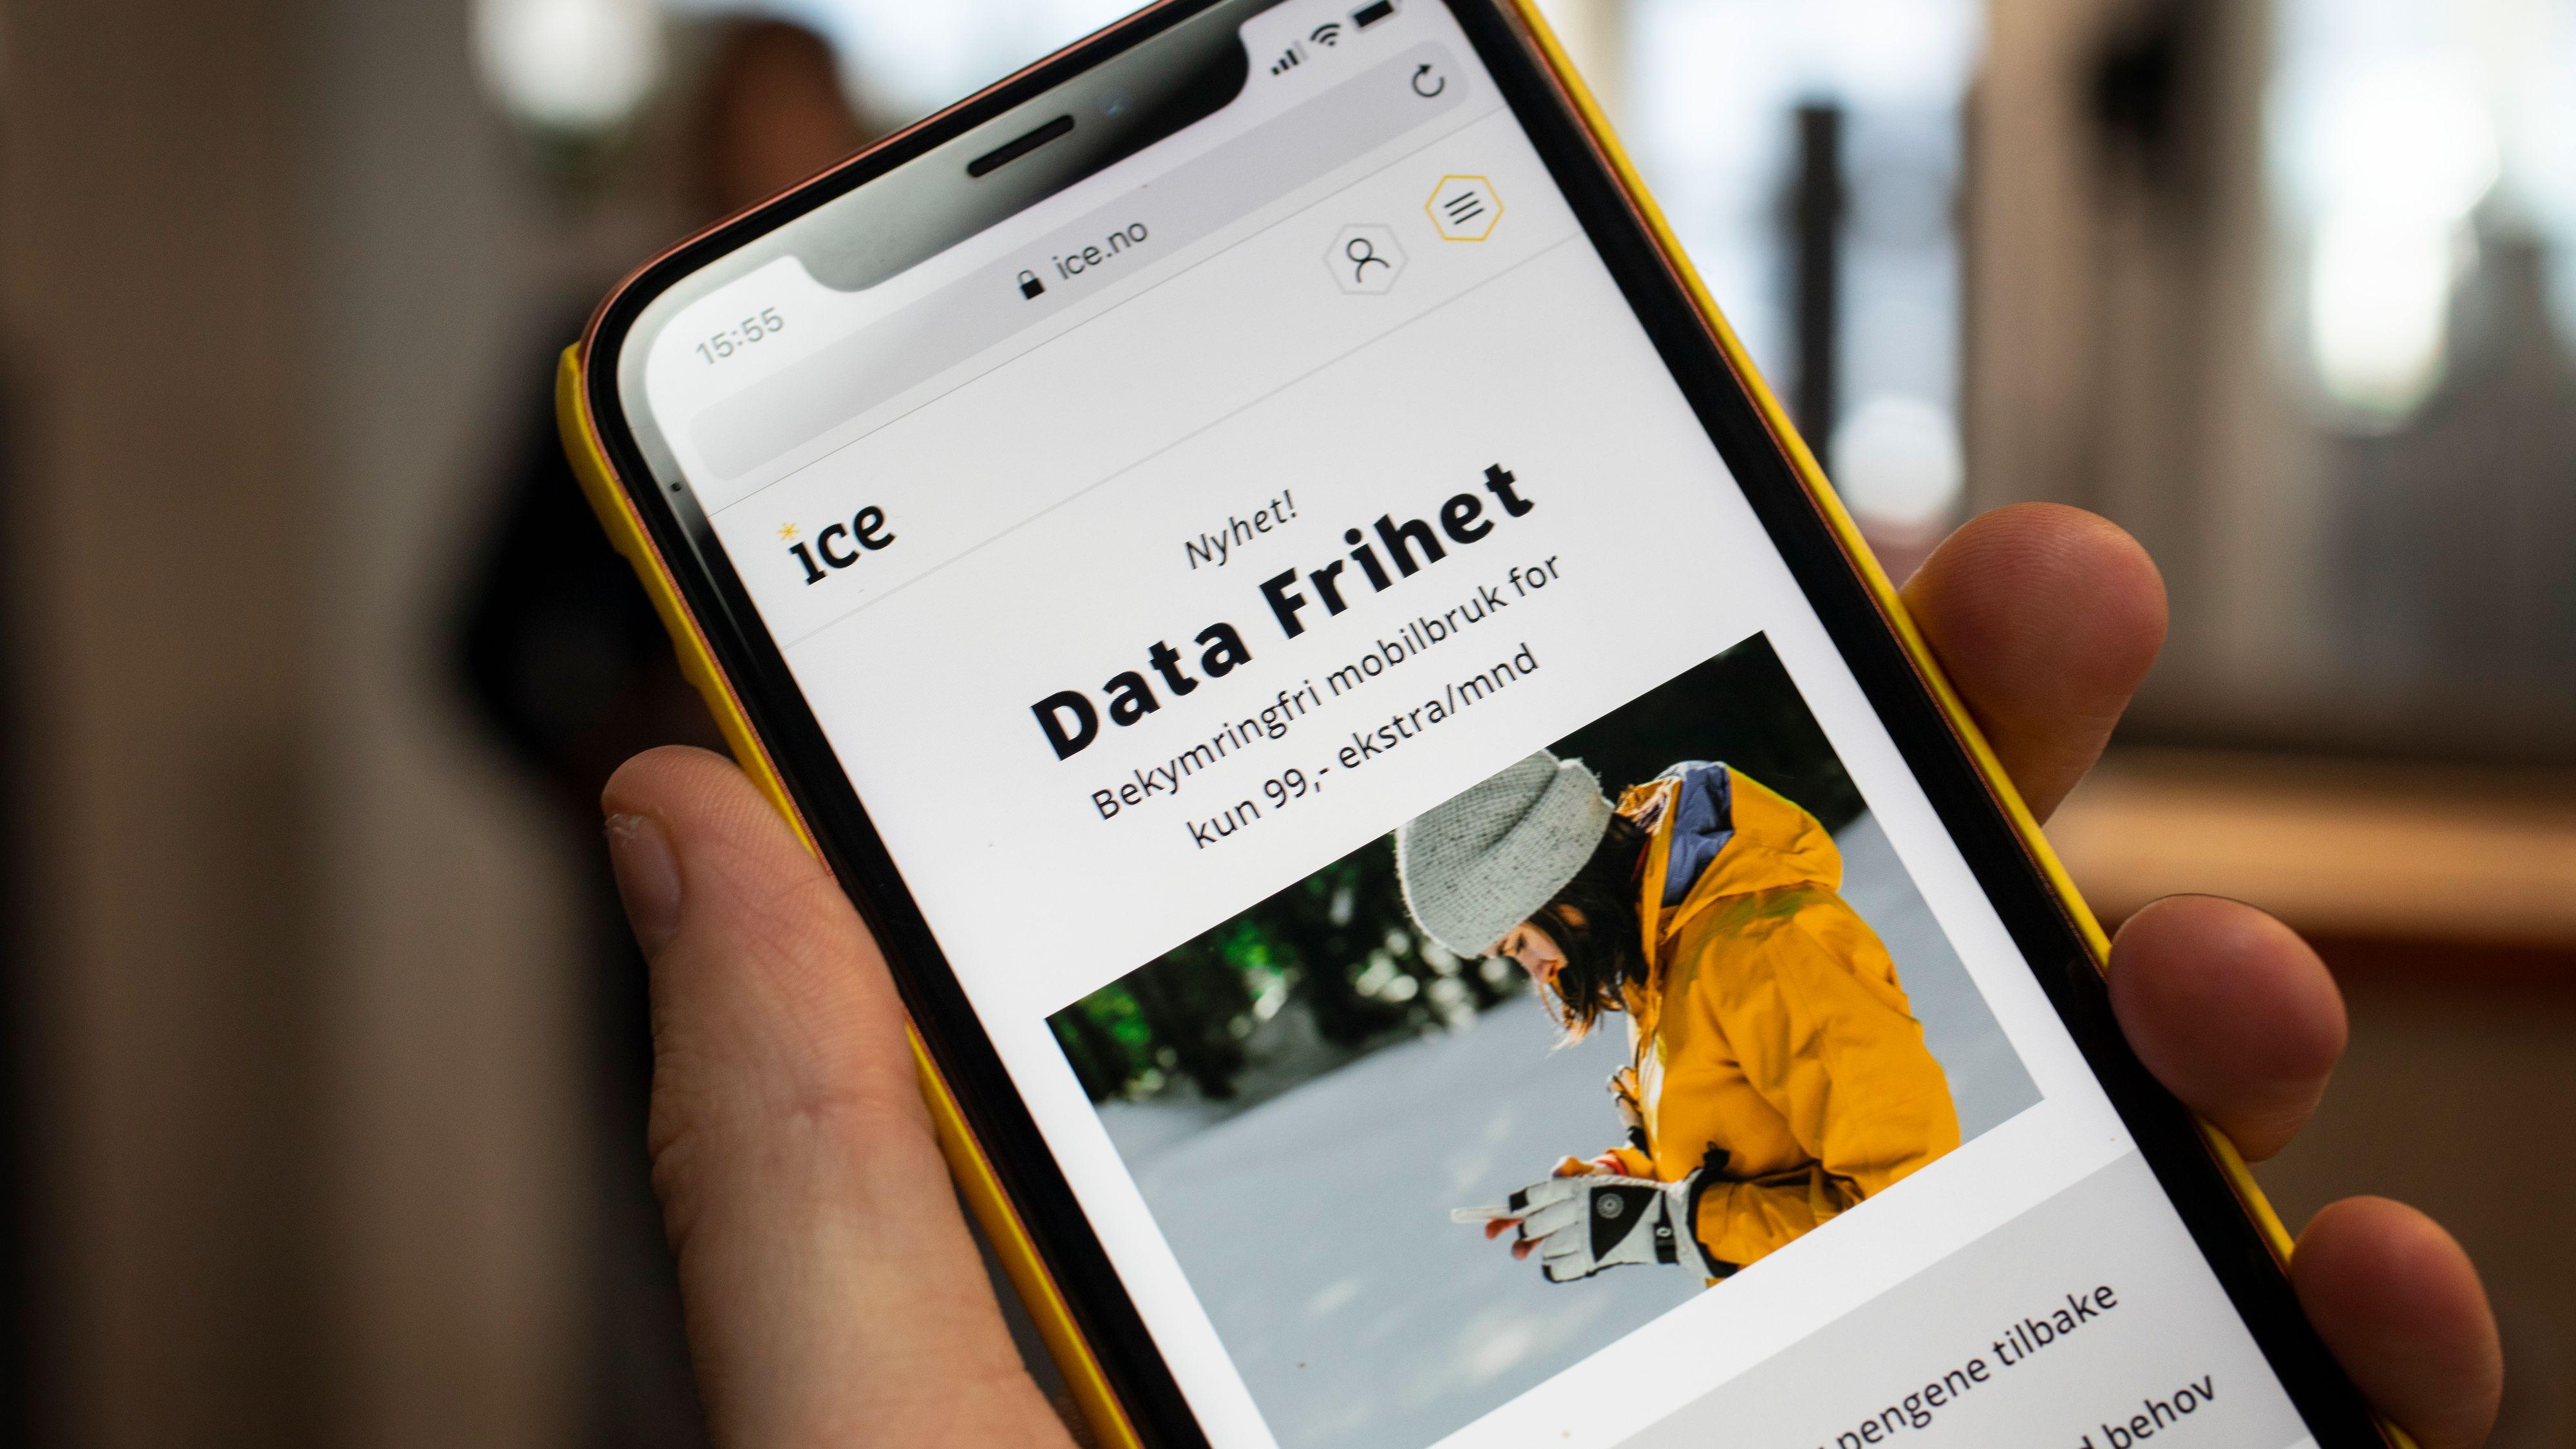 Nkom varslet at Data Frihet var ulovlig. Nå har Ice løsningen klar